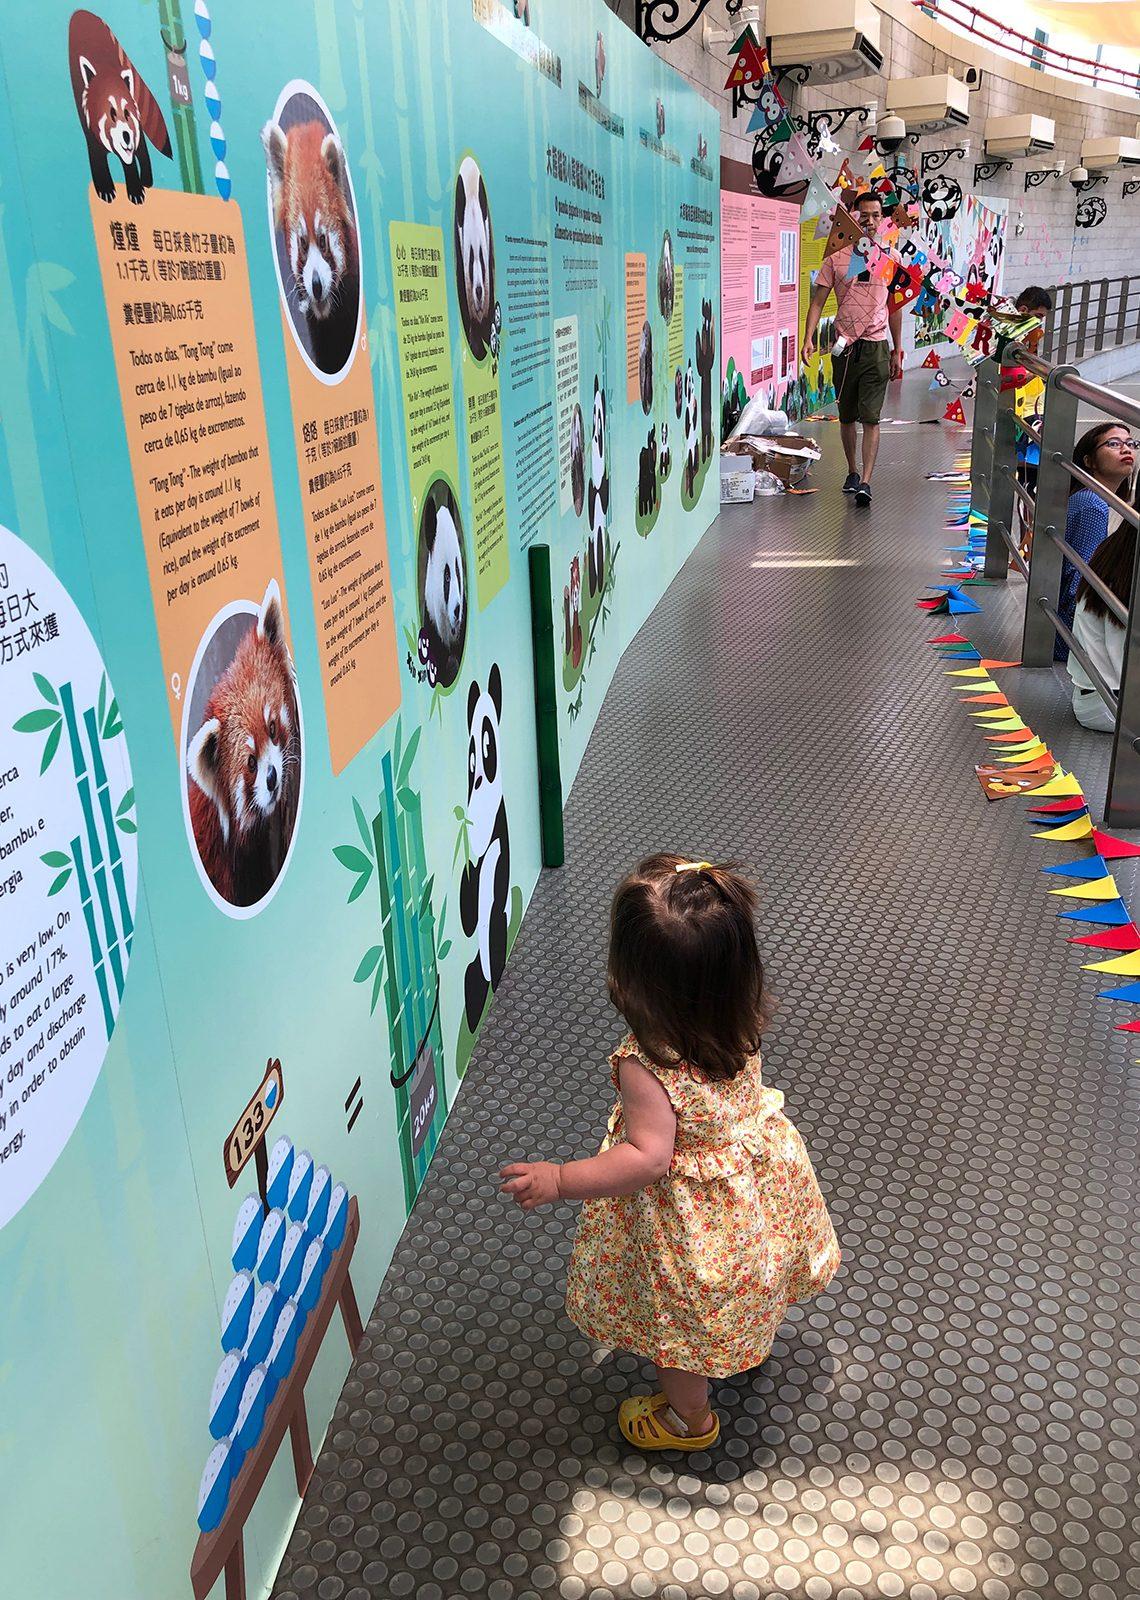 Asia: Macau si activitatile pentru copii